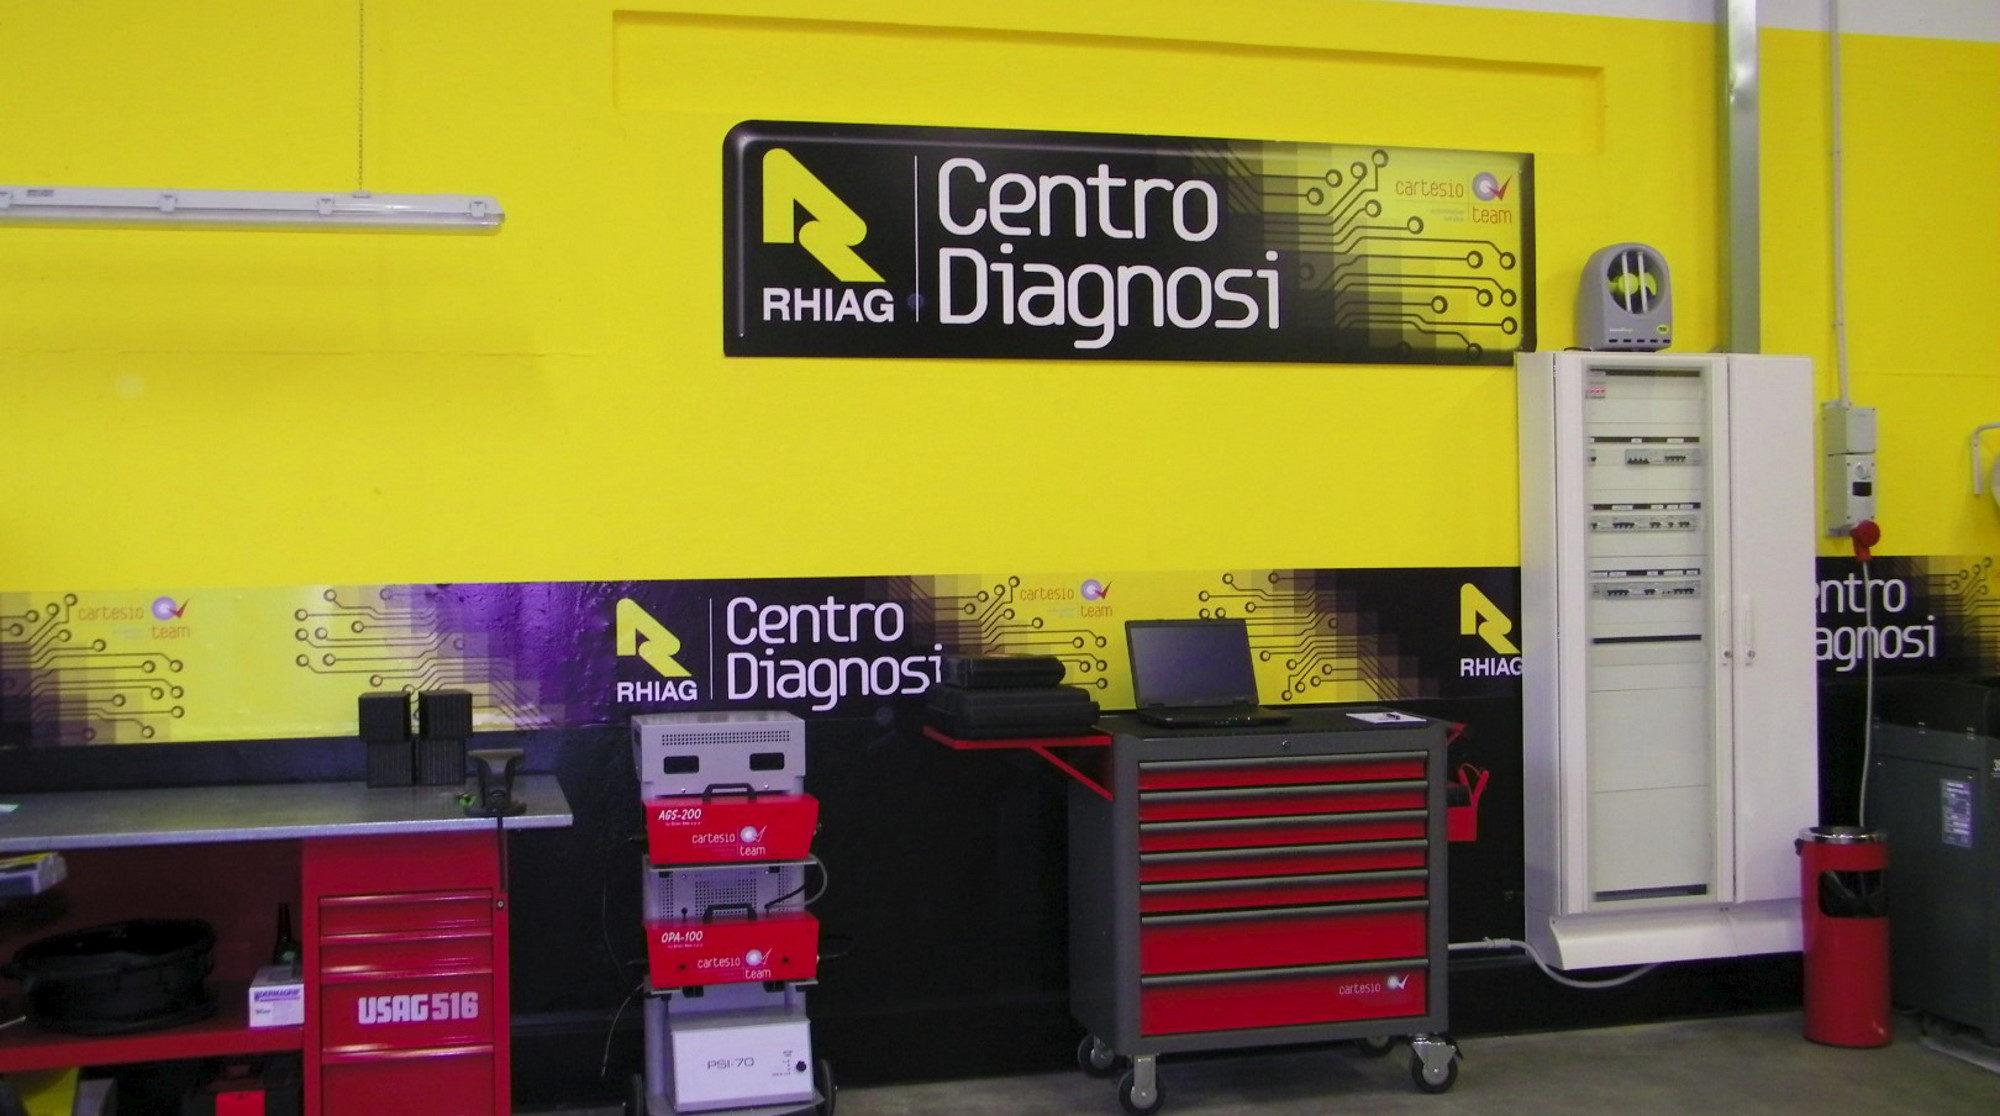 Centro diagnosi